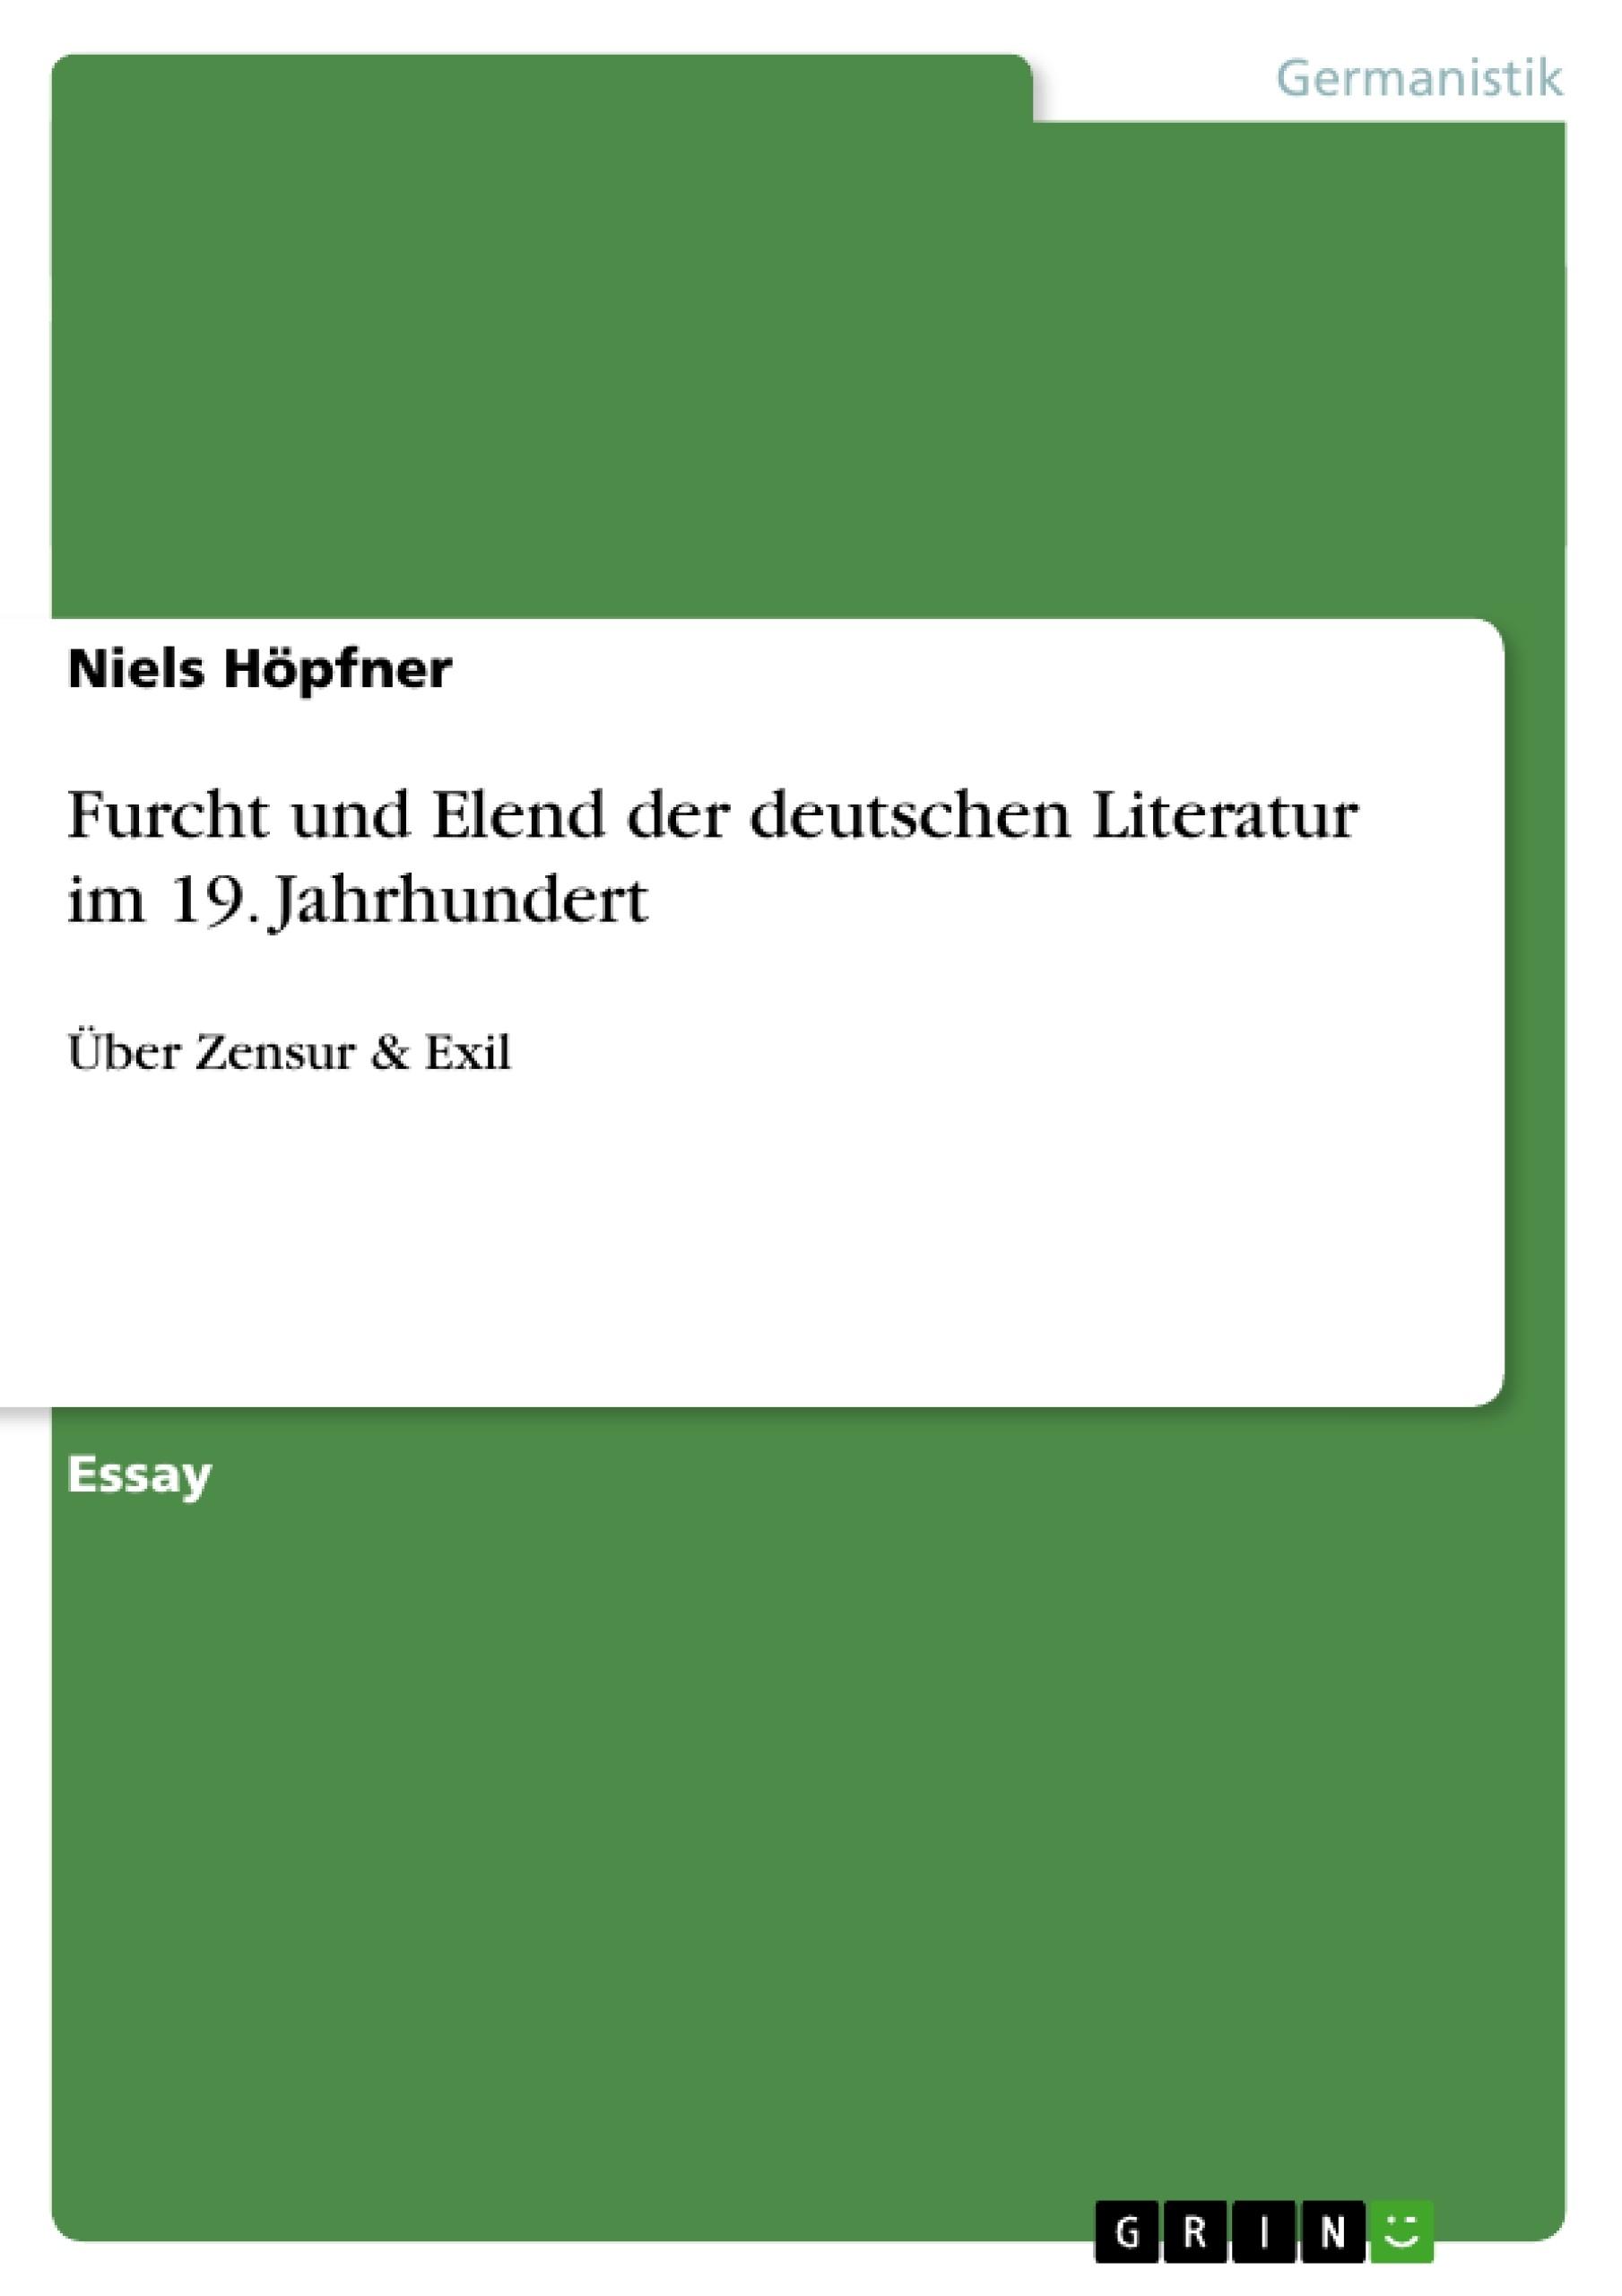 Titel: Furcht und Elend der deutschen Literatur im 19. Jahrhundert